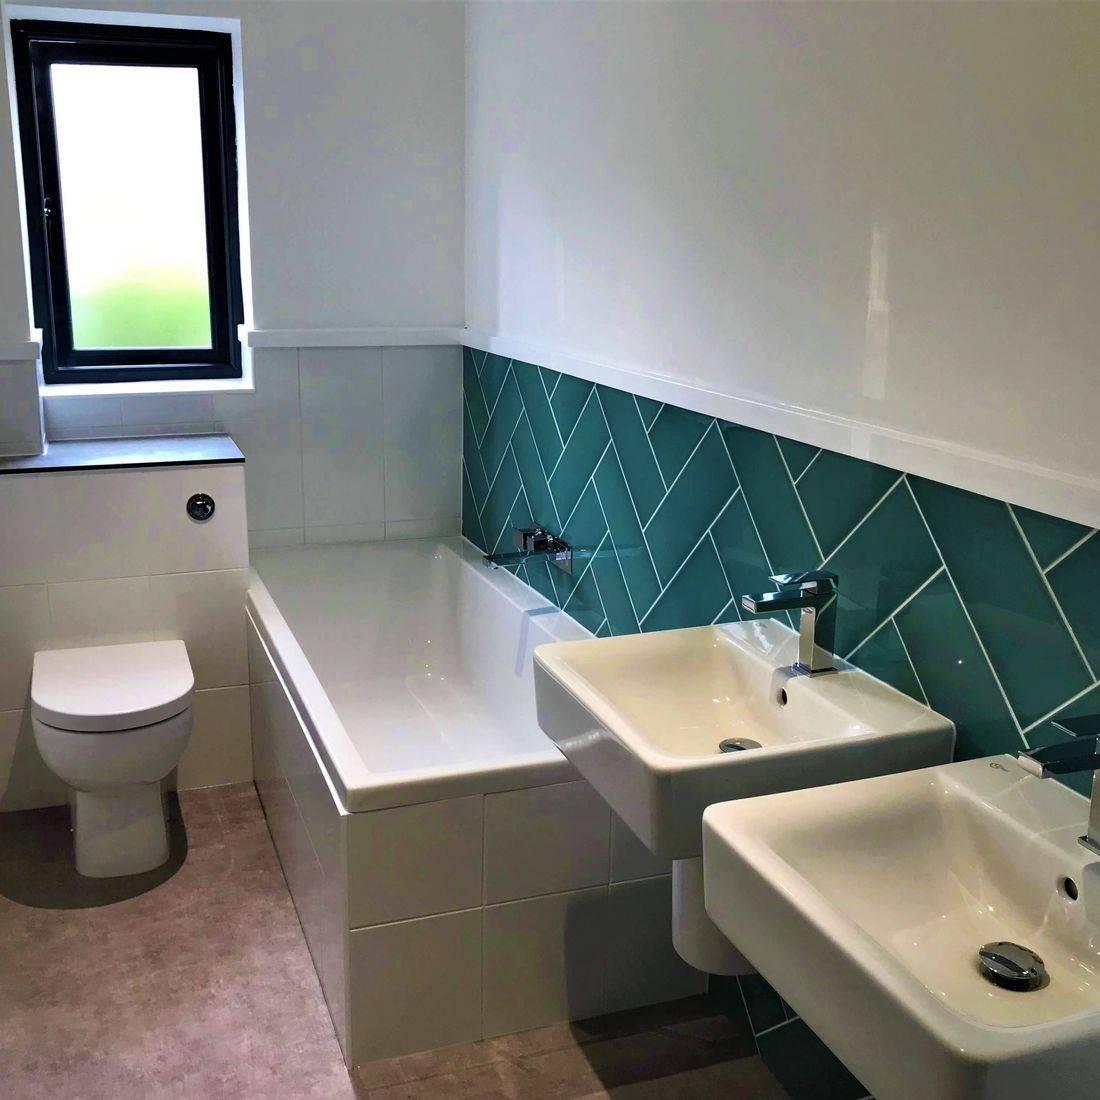 Painted Bathroom mwif.co.uk